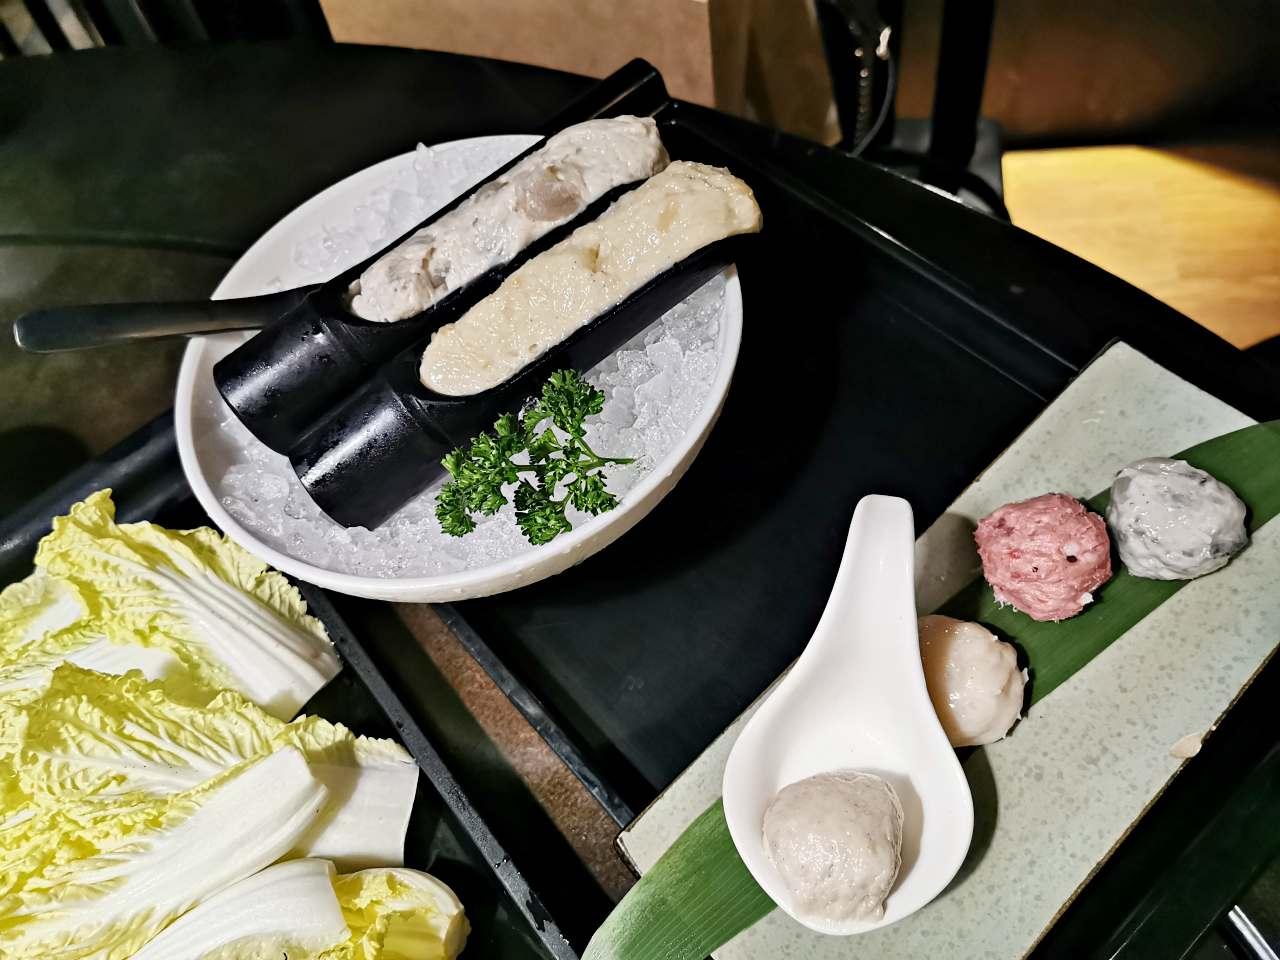 台北火鍋:無老鍋推薦點鴛鴦鍋麻辣鍋和白鍋都很好吃